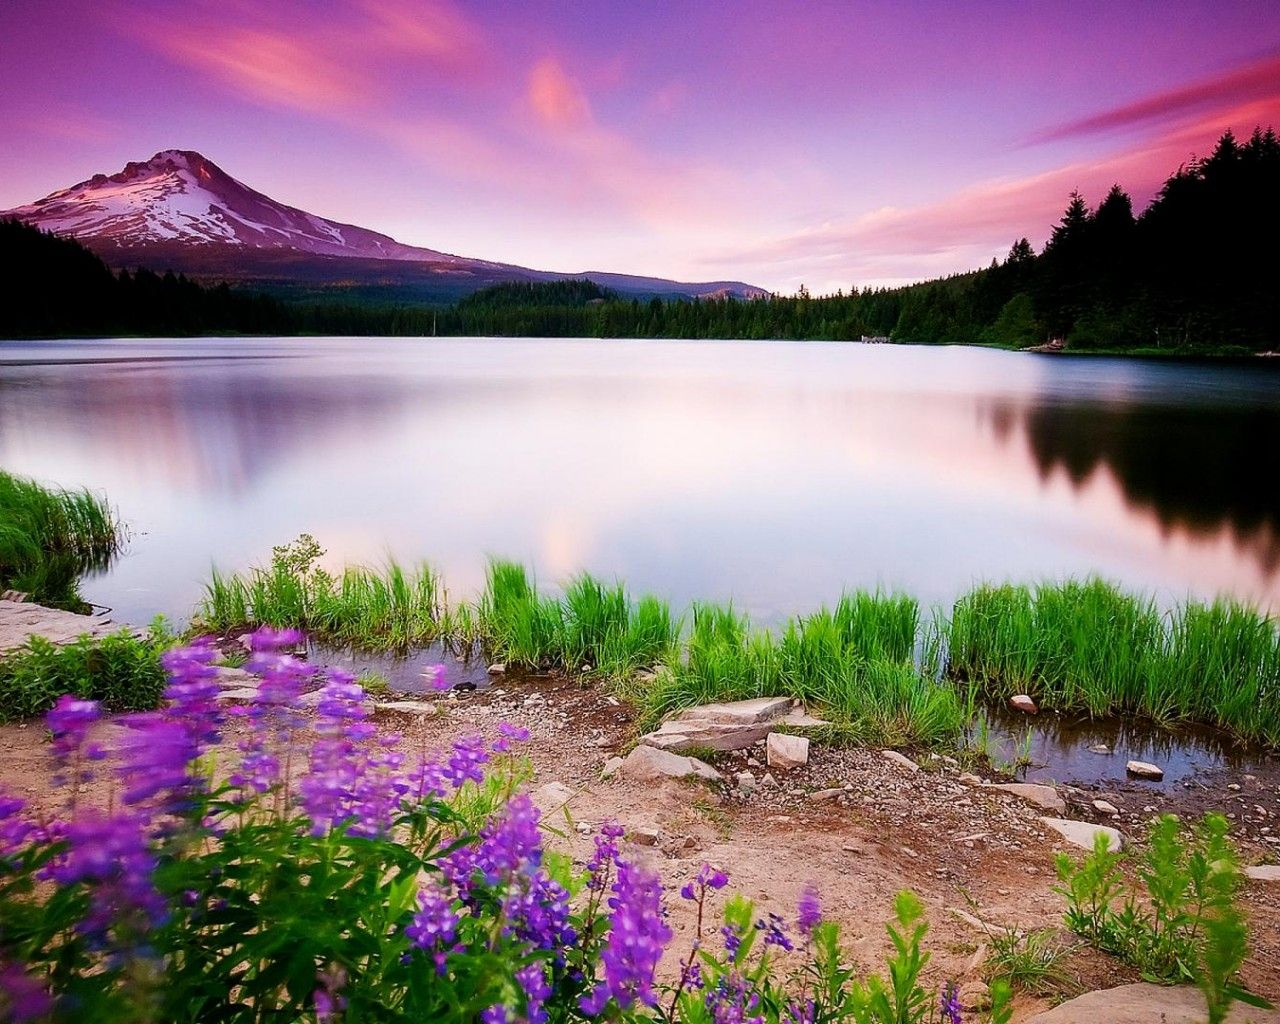 mountain beautiful lake sunset - 1280x1024 iwallhd - wallpaper hd